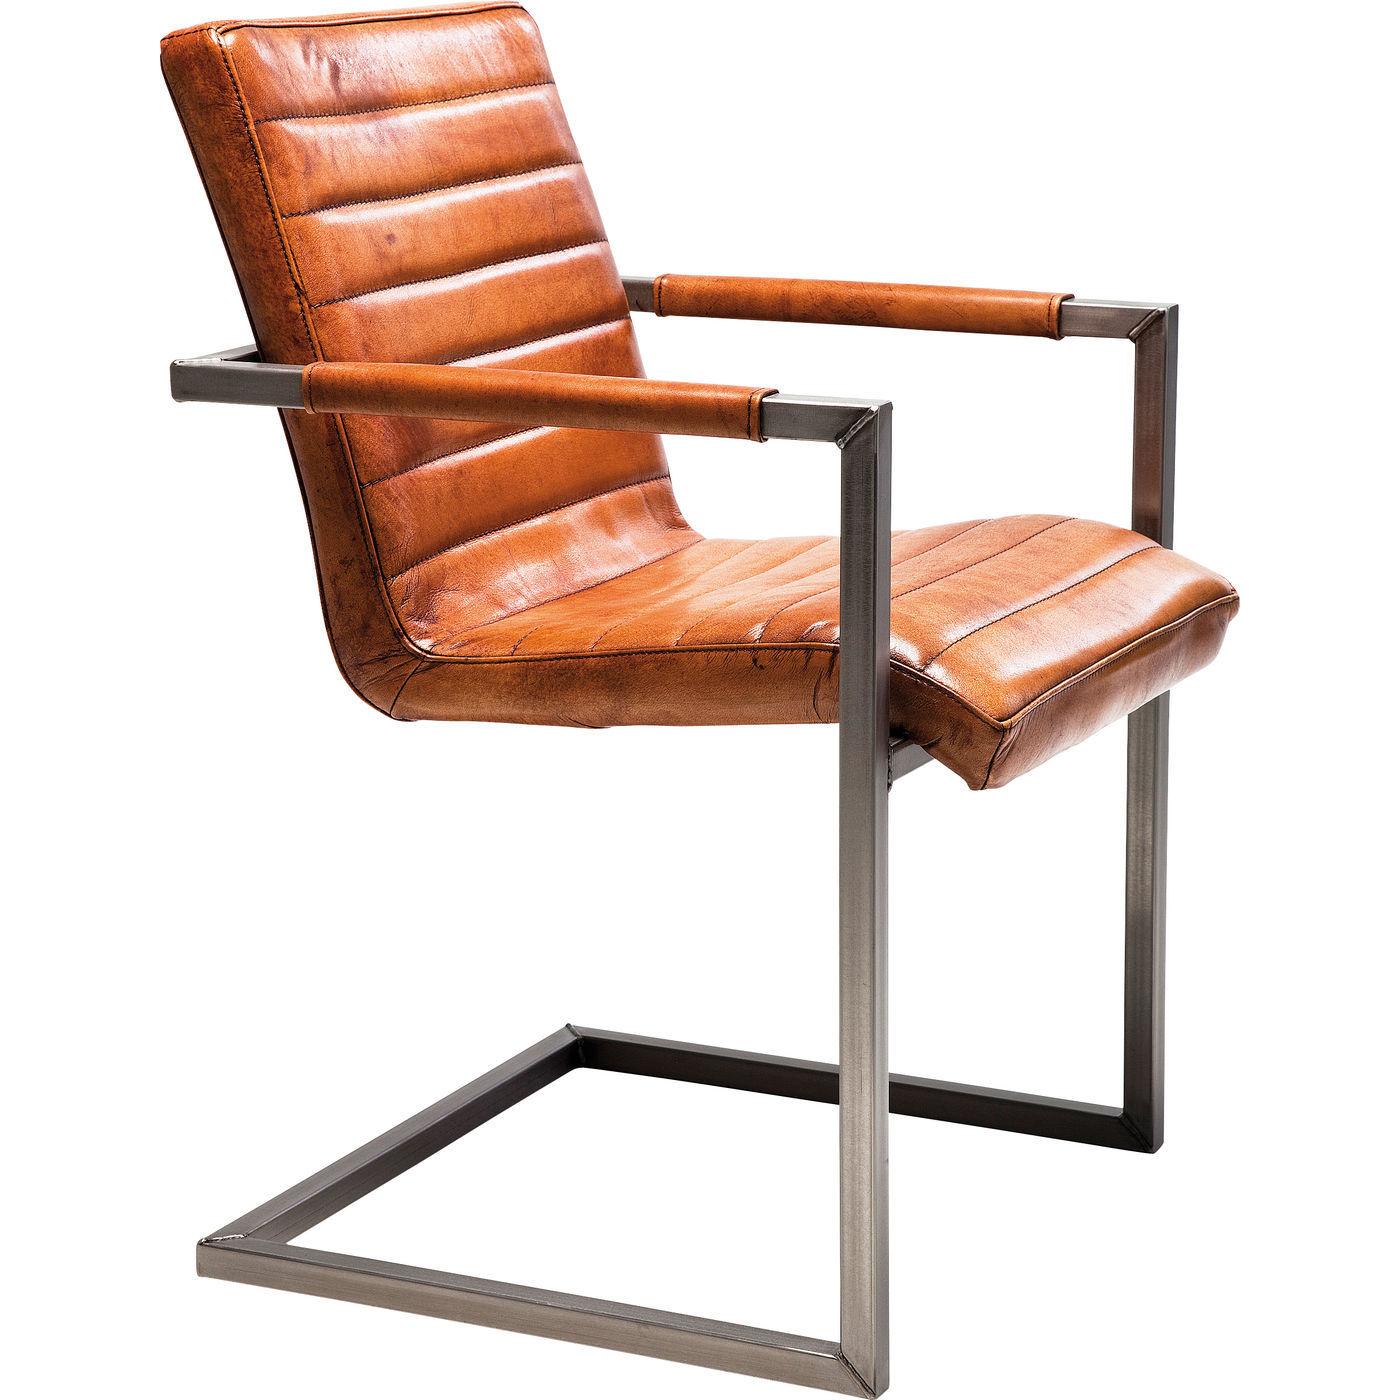 Stuhl freischwinger schwingstuhl b rostuhl armlehnstuhl for Design stuhl freischwinger piet 30